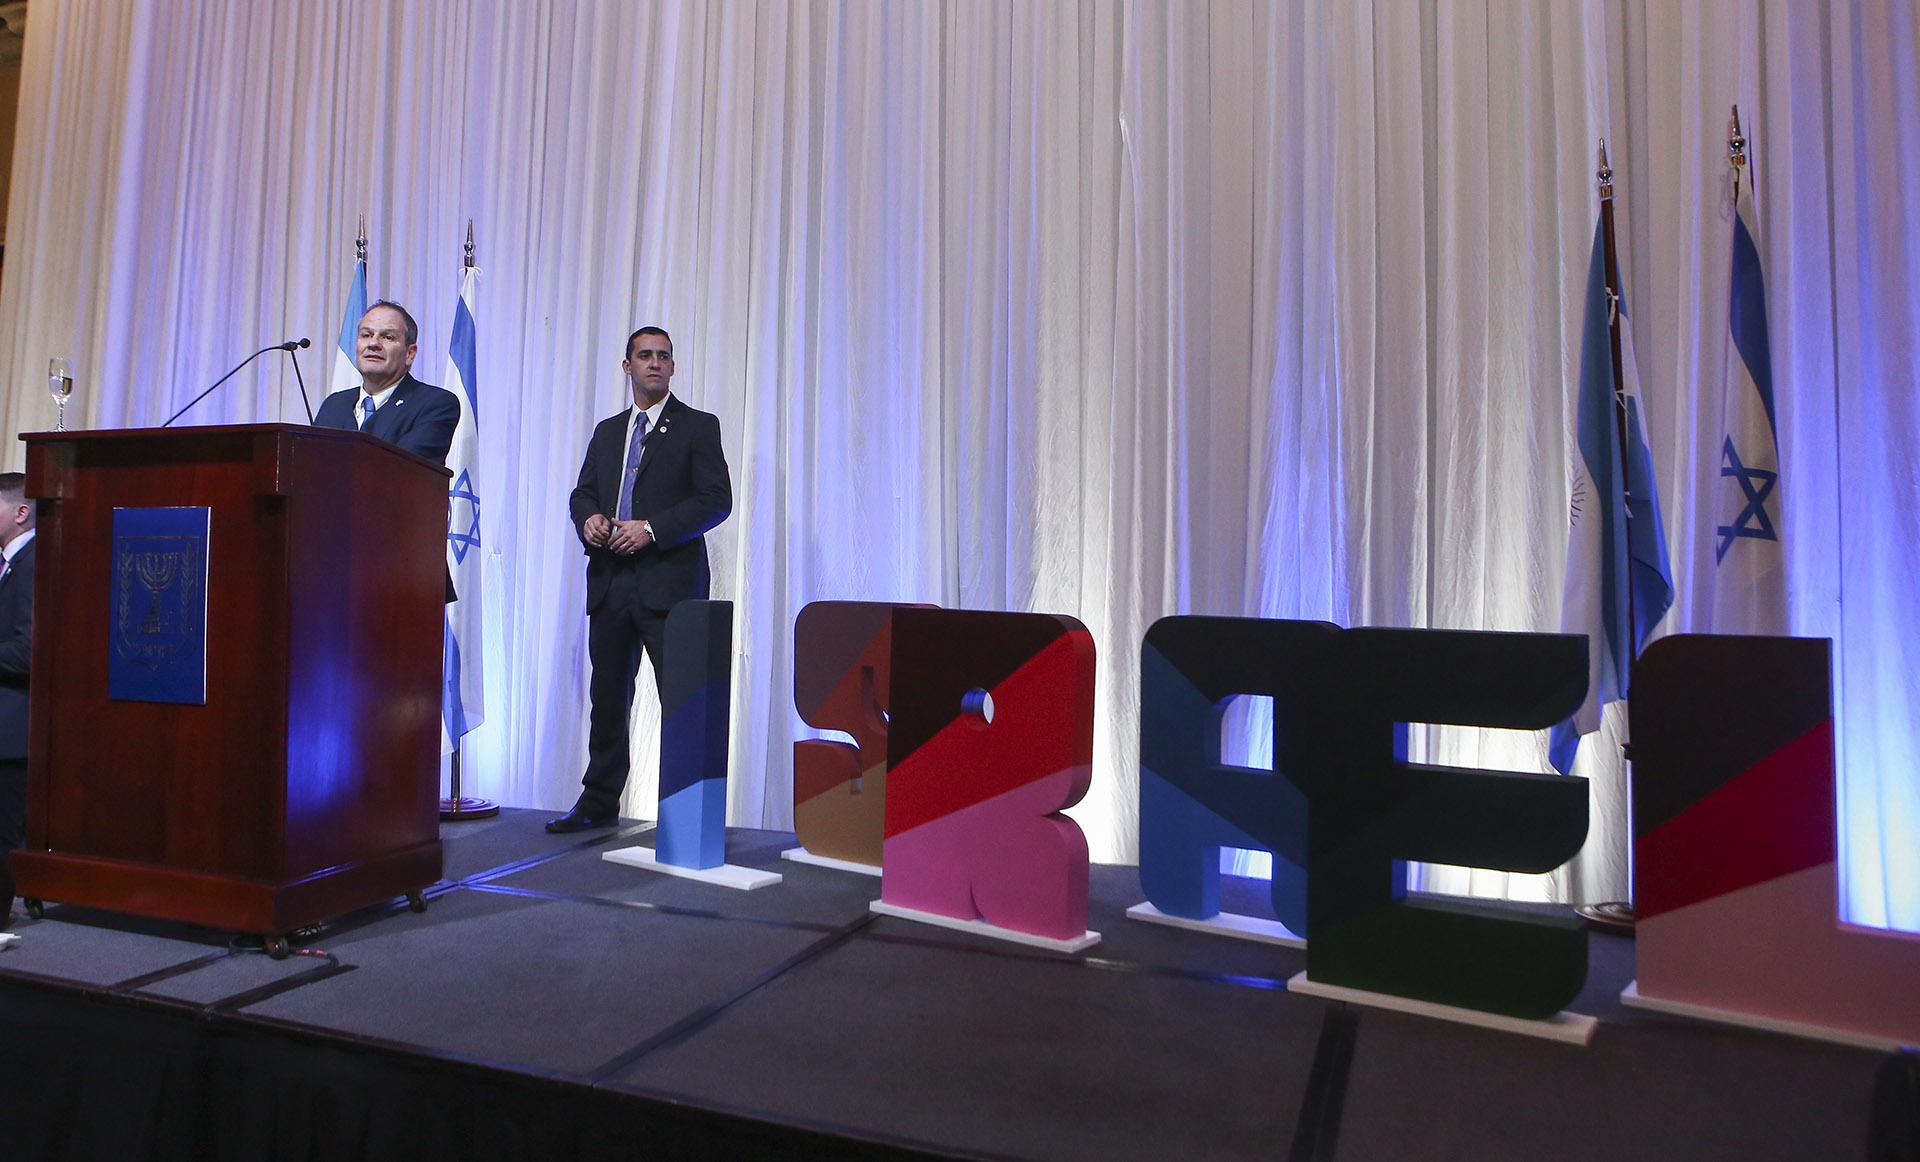 El embajador Ilan Sztulman durante su discurso, con motivo del aniversario de la independencia del Estado de Israel